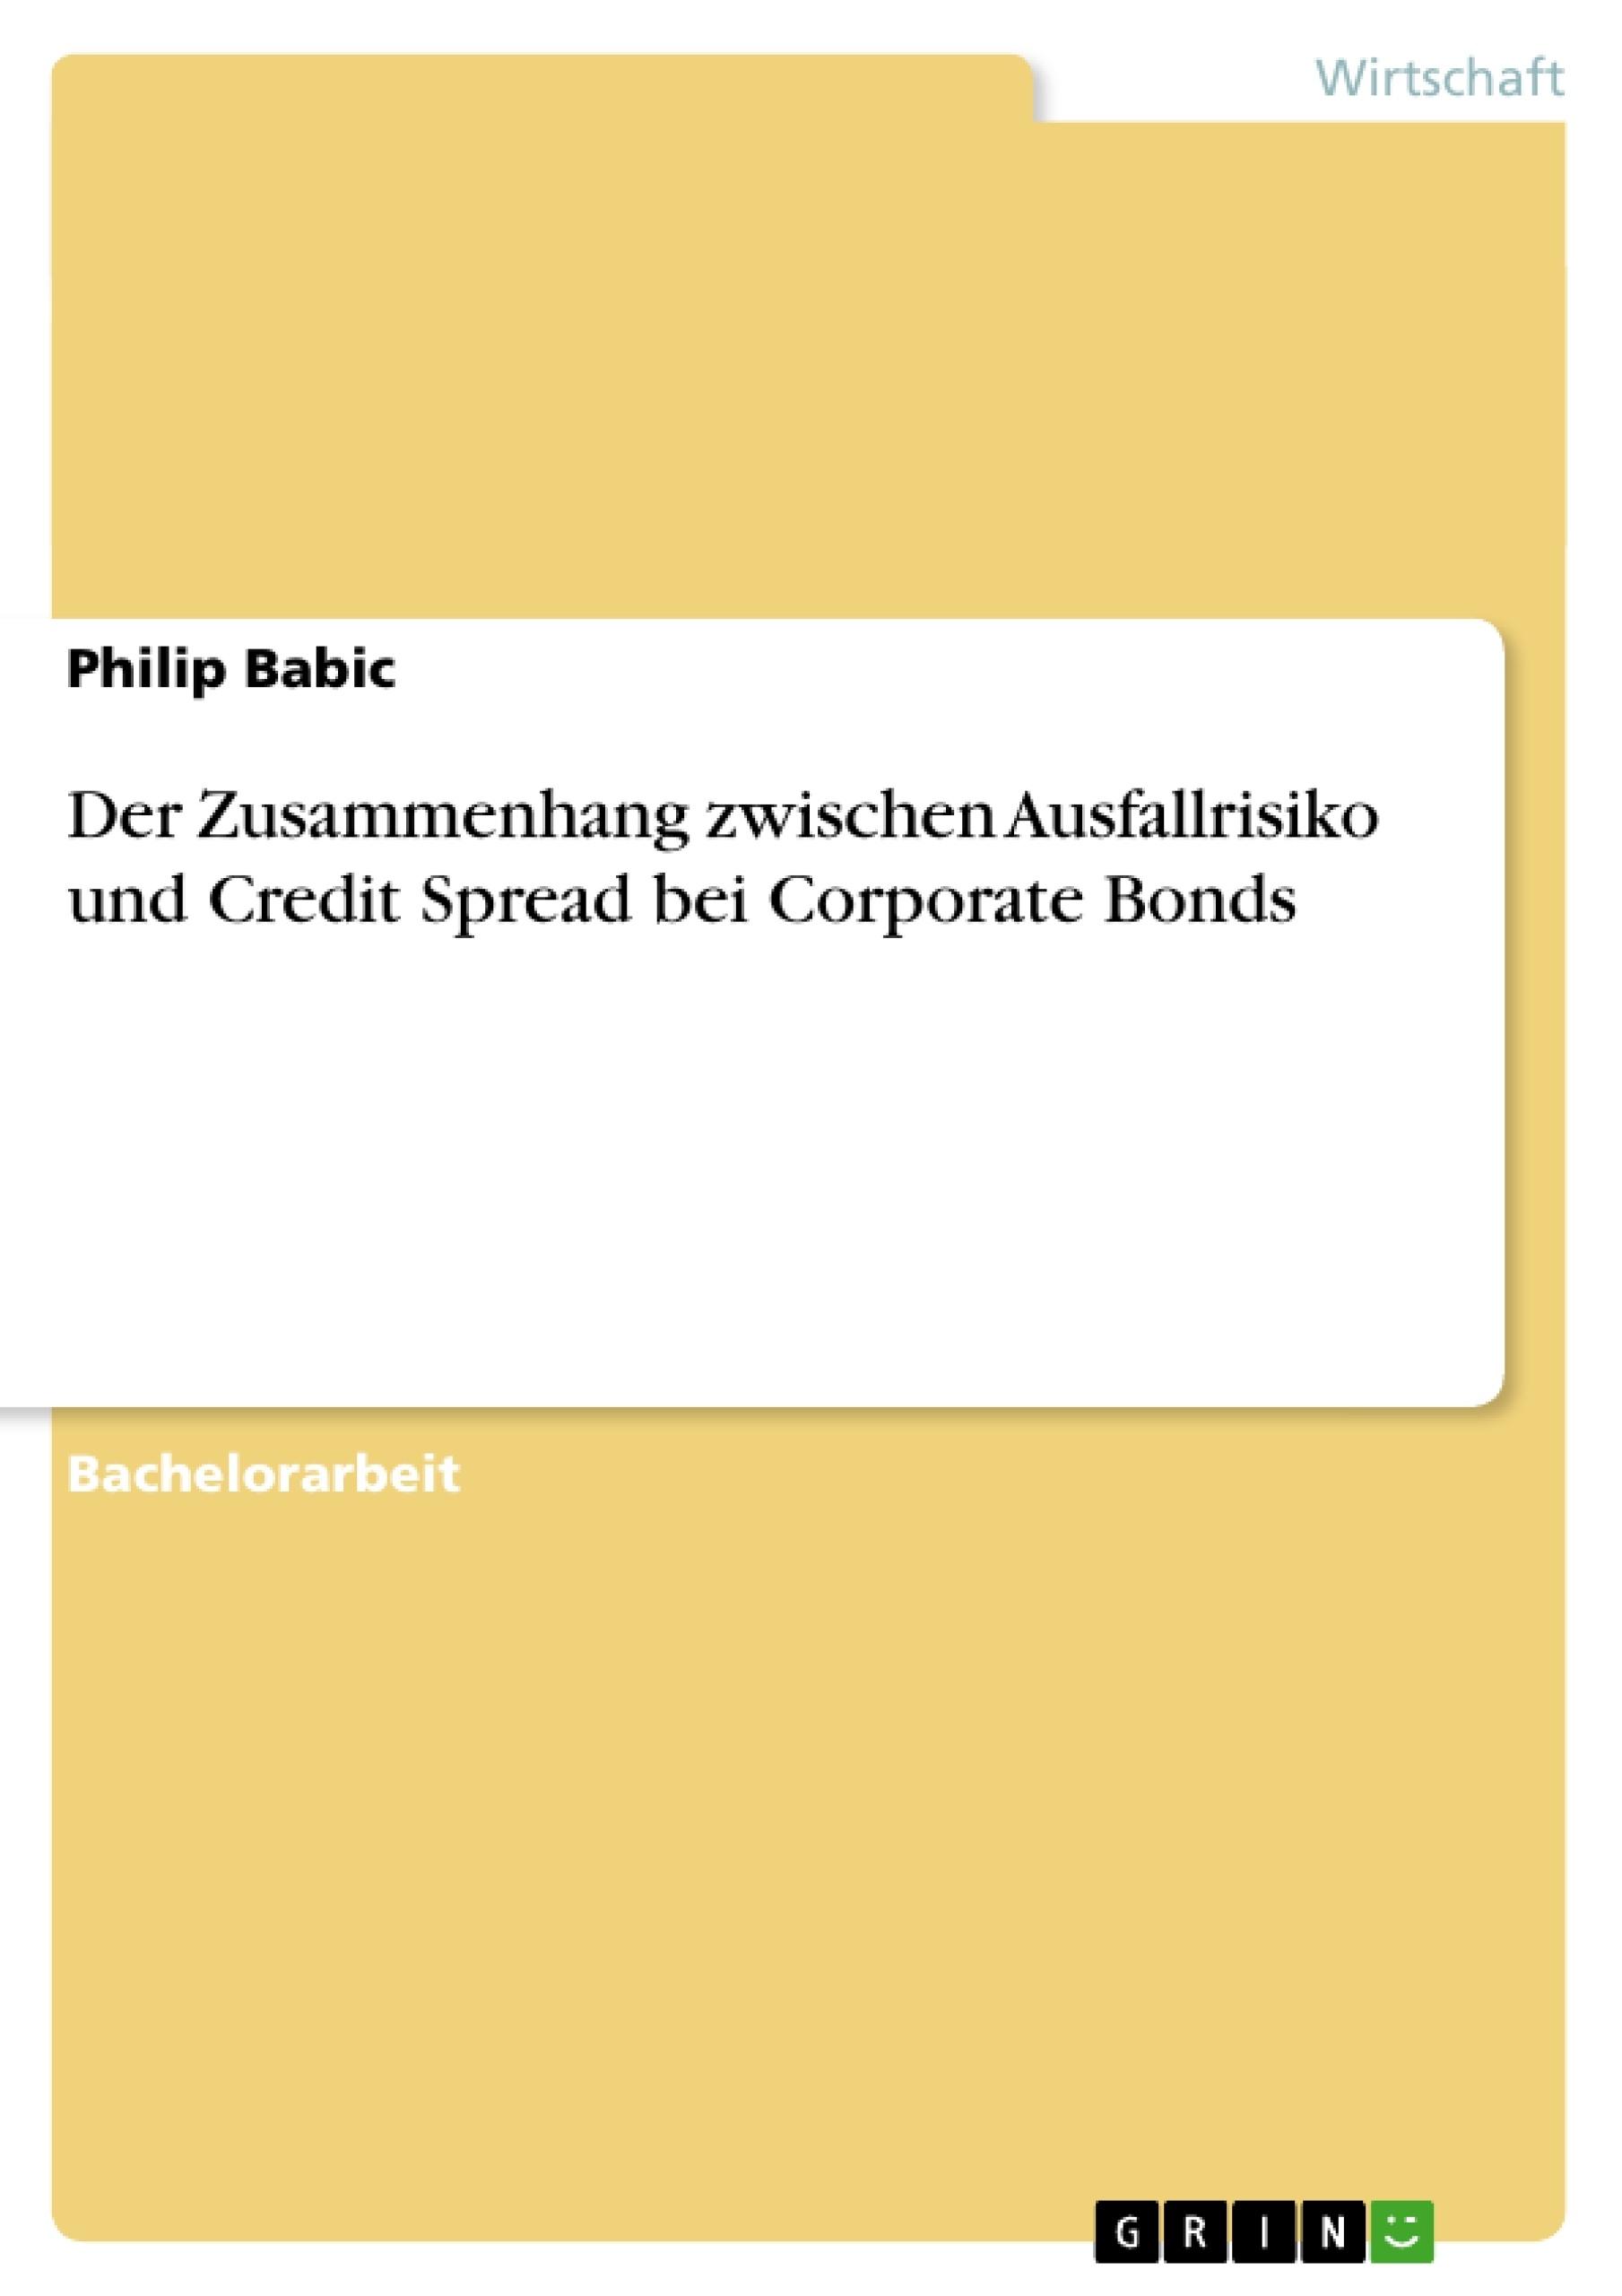 Titel: Der Zusammenhang zwischen Ausfallrisiko und Credit Spread bei Corporate Bonds